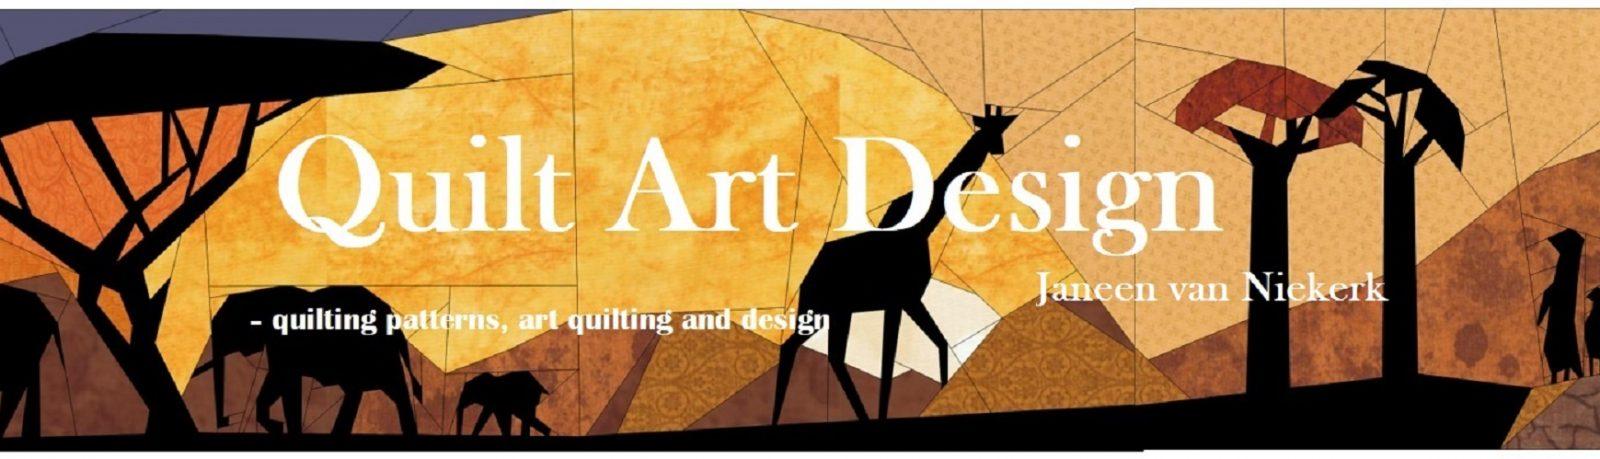 Quilt Art Design